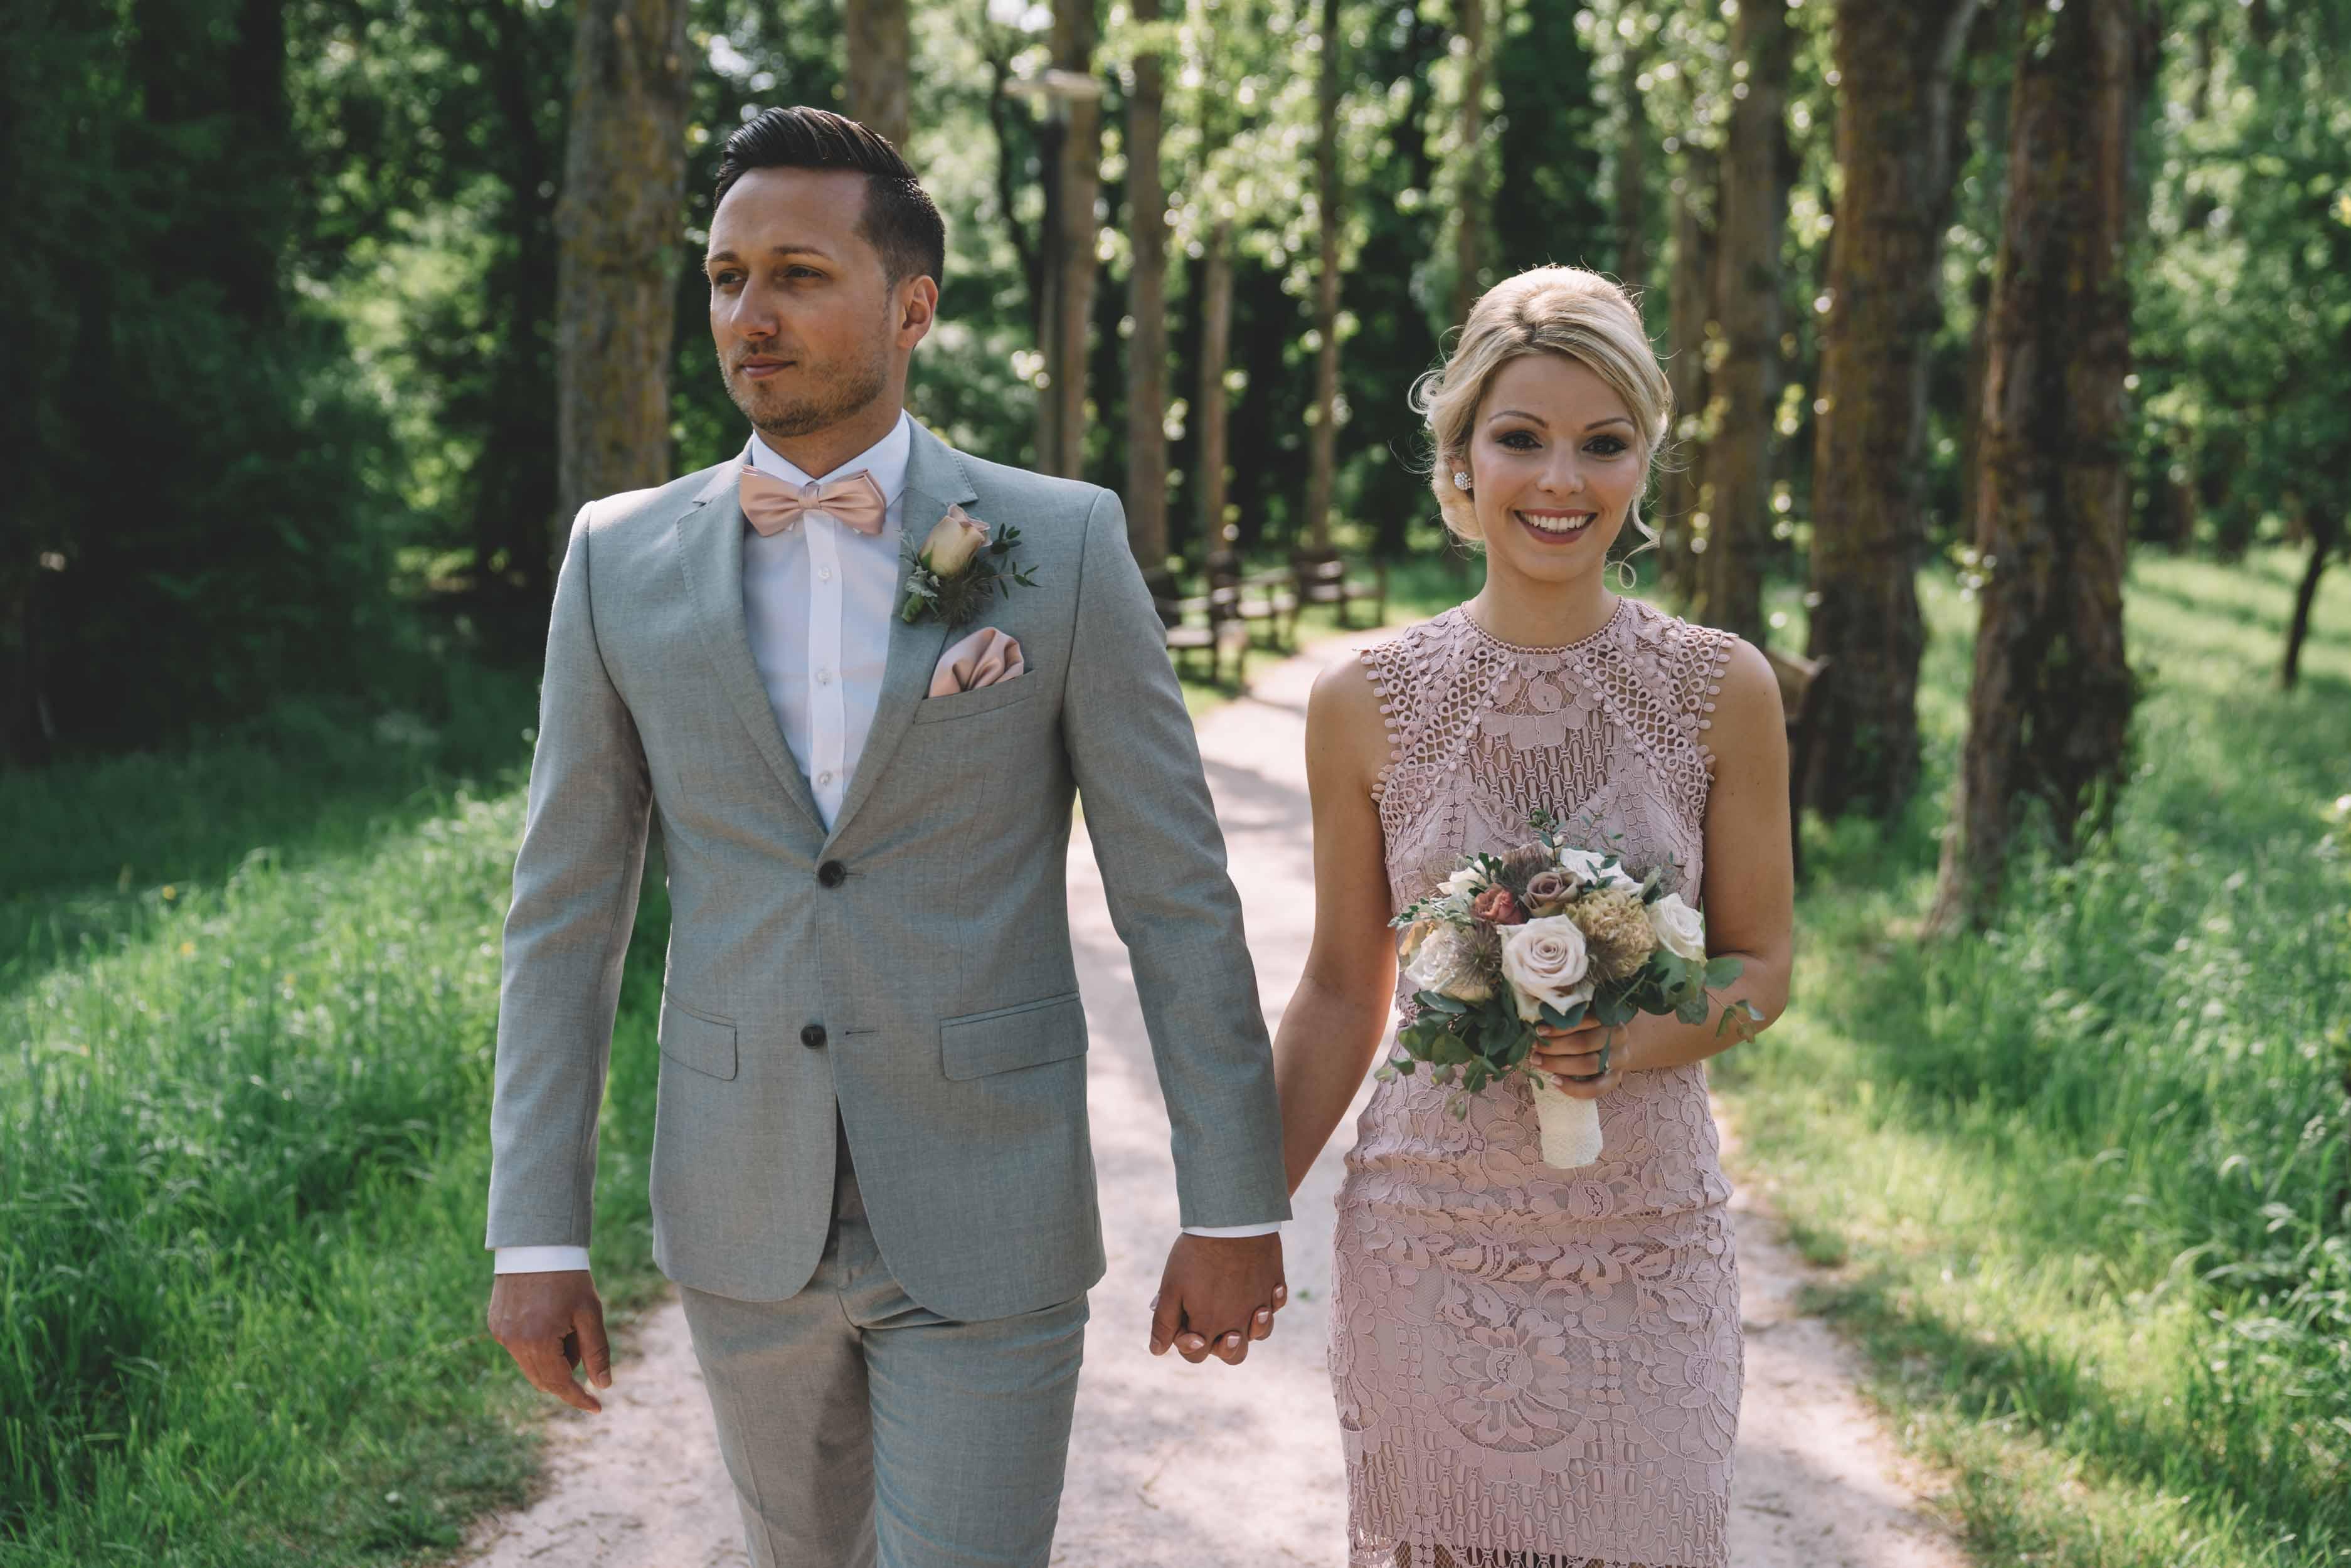 Das Brautpaar läuft Hand in Hand im Park entlang.